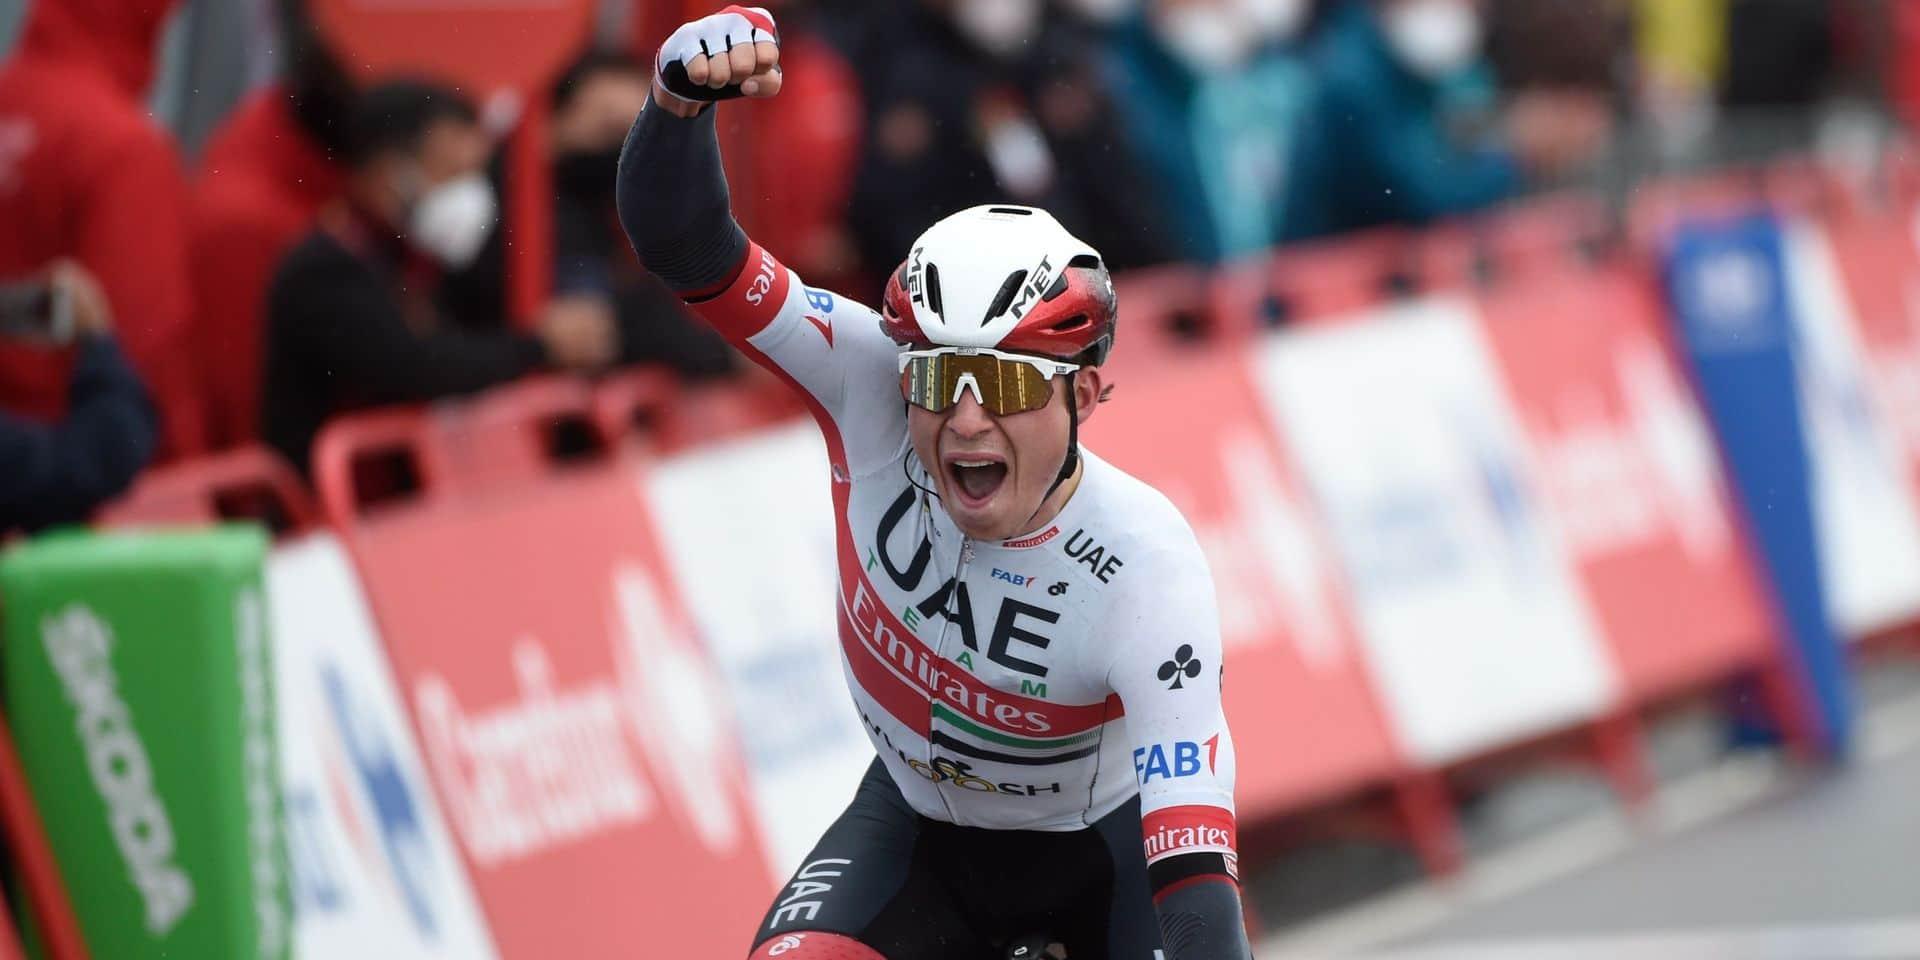 """Jasper Philipsen remporte la 15e étape de la Vuelta: """"Je suis super fier de cette victoire!"""""""